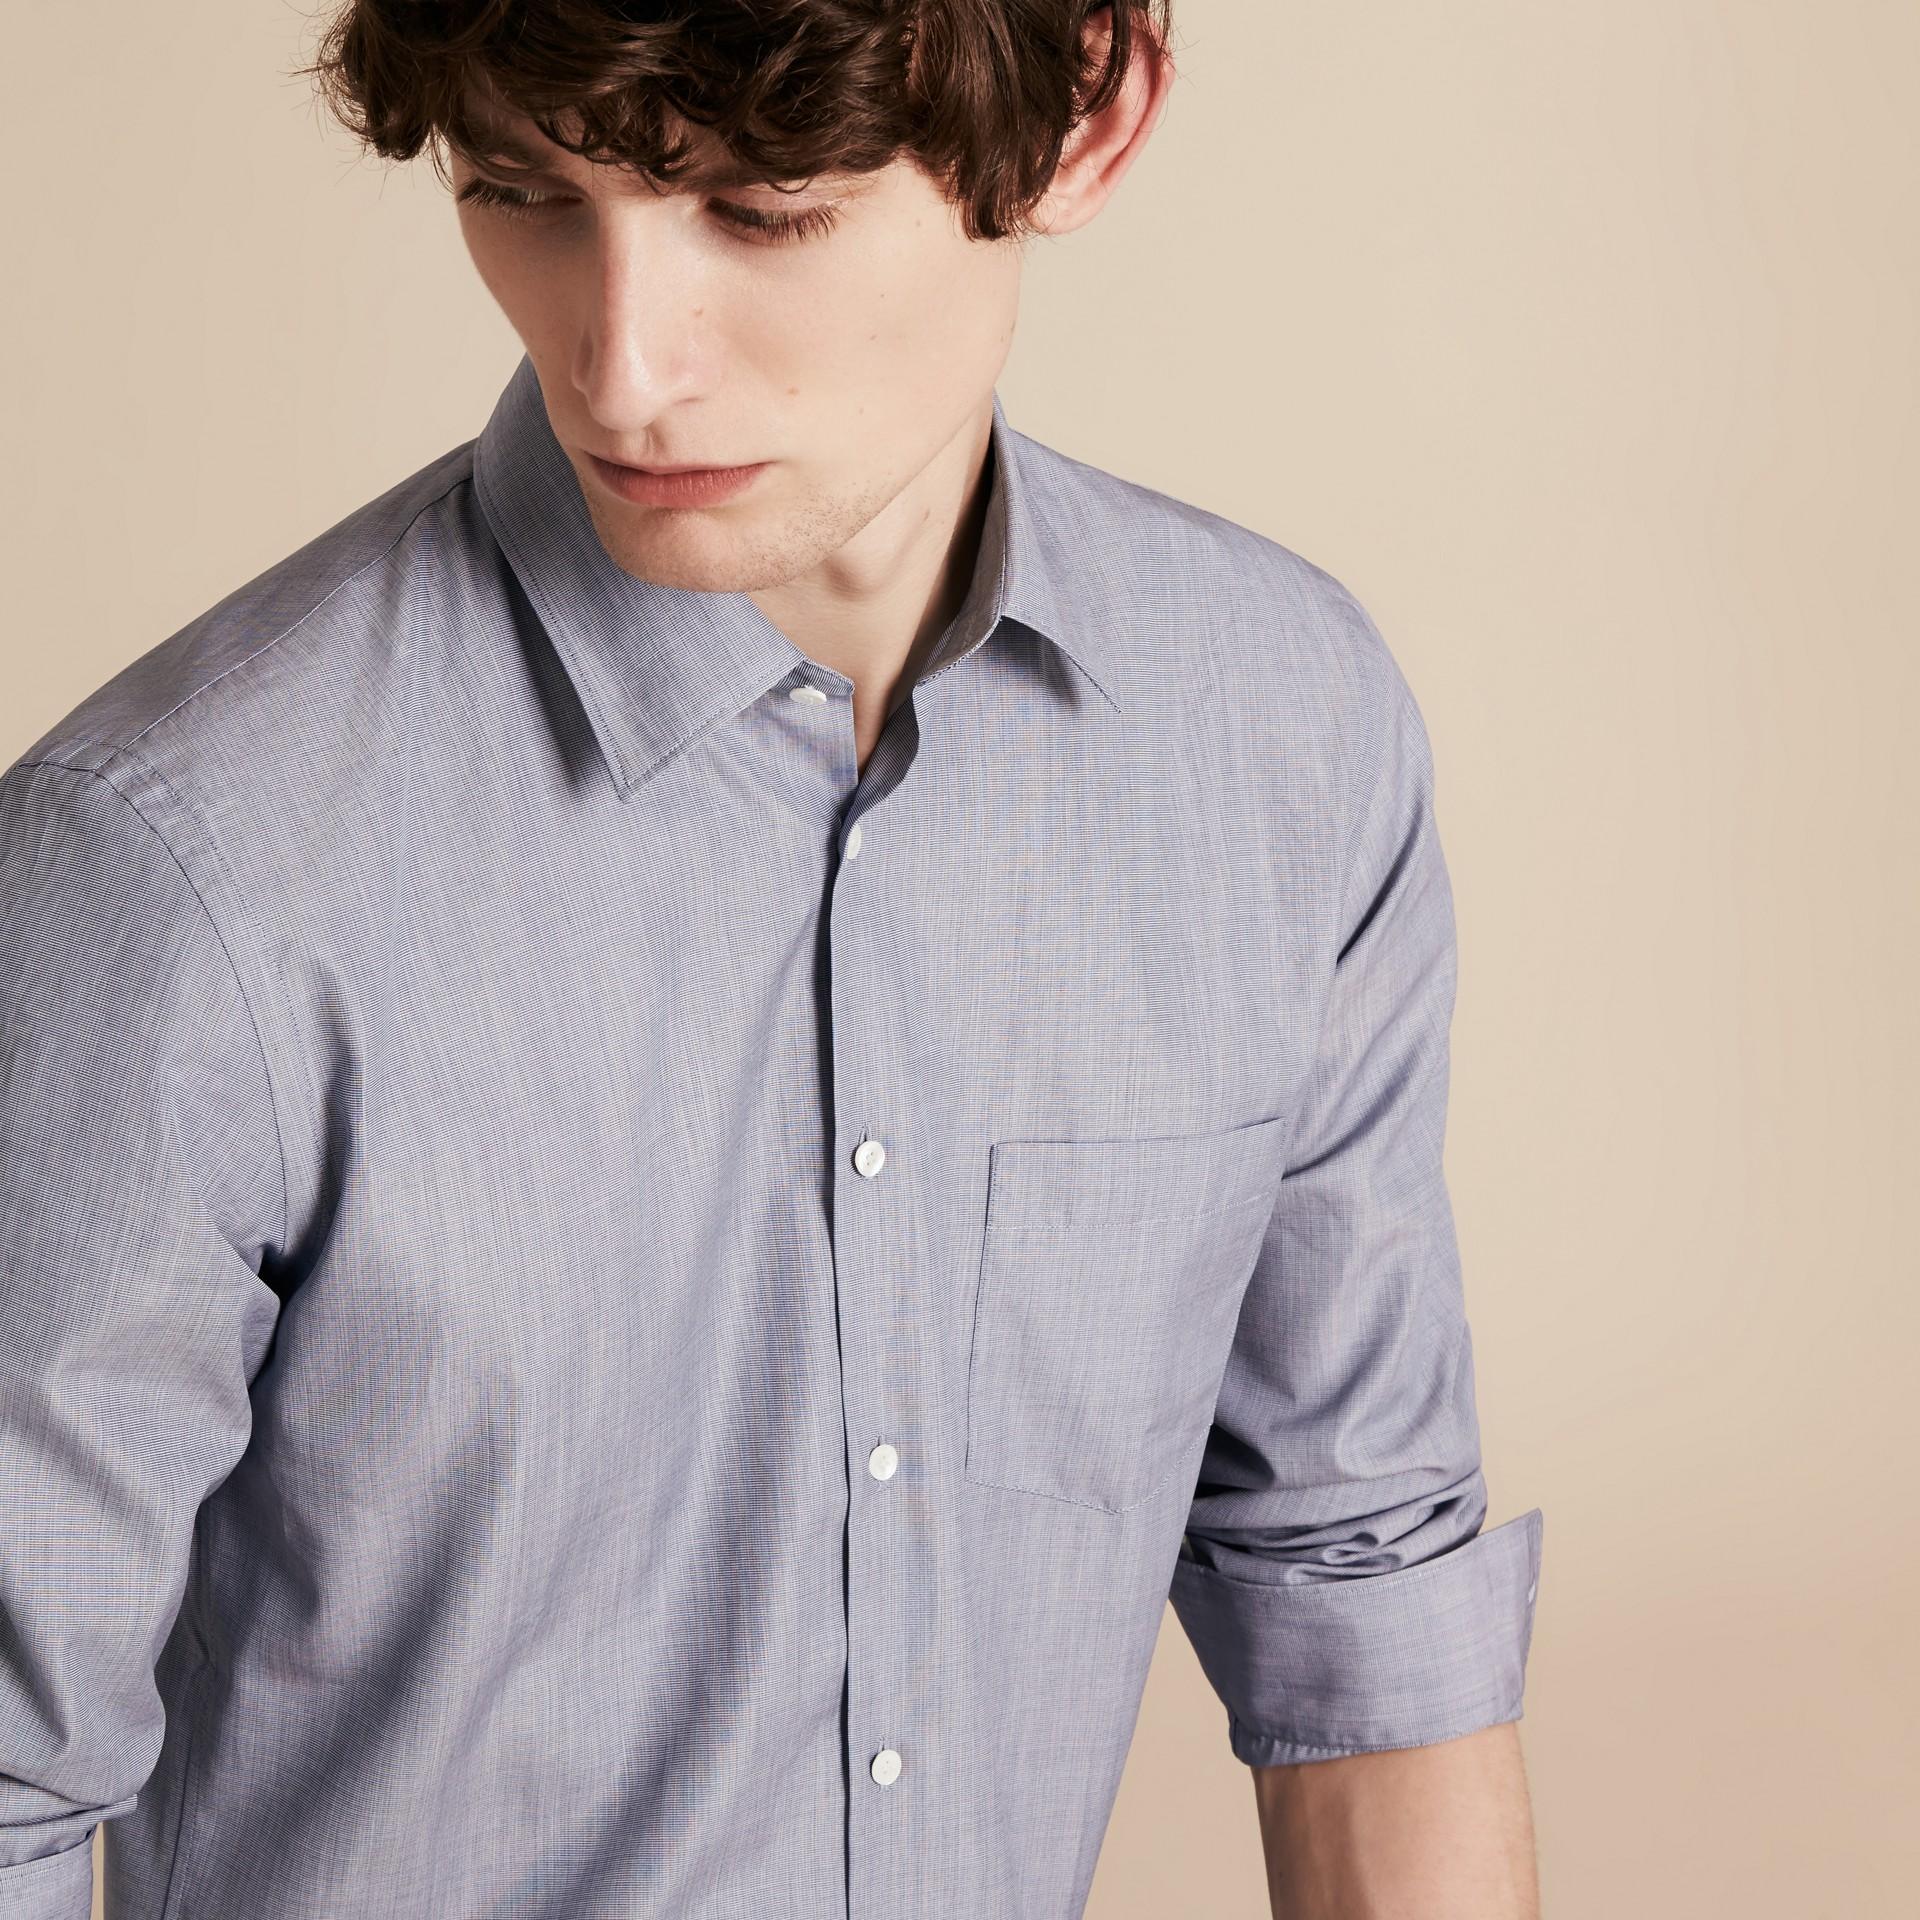 Light blue Camisa de mescla de algodão Light Blue - galeria de imagens 5